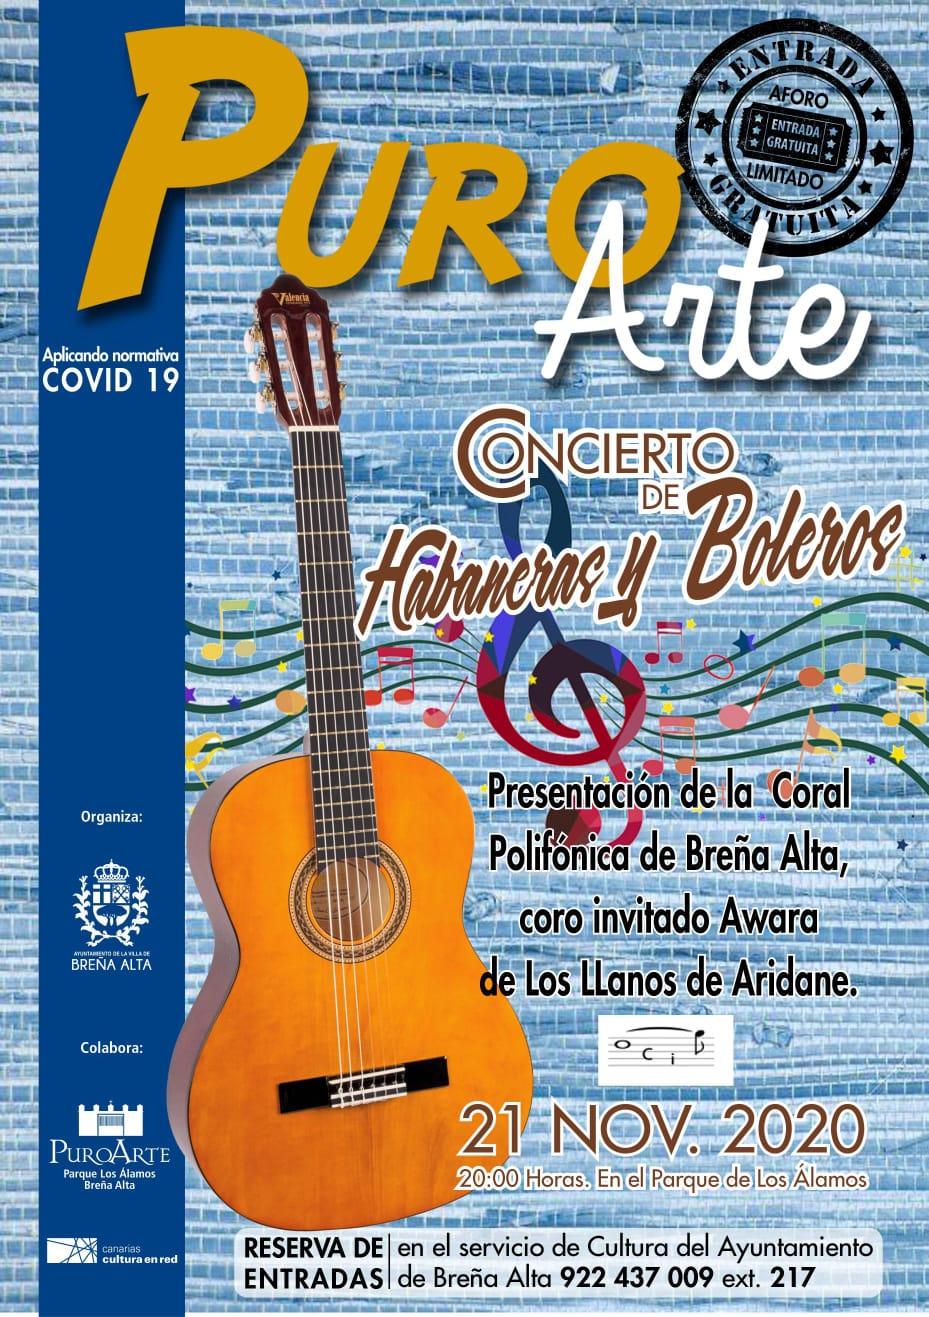 Cartel promocional I Encuentro de Habaneras y Boleros de Breña Alta